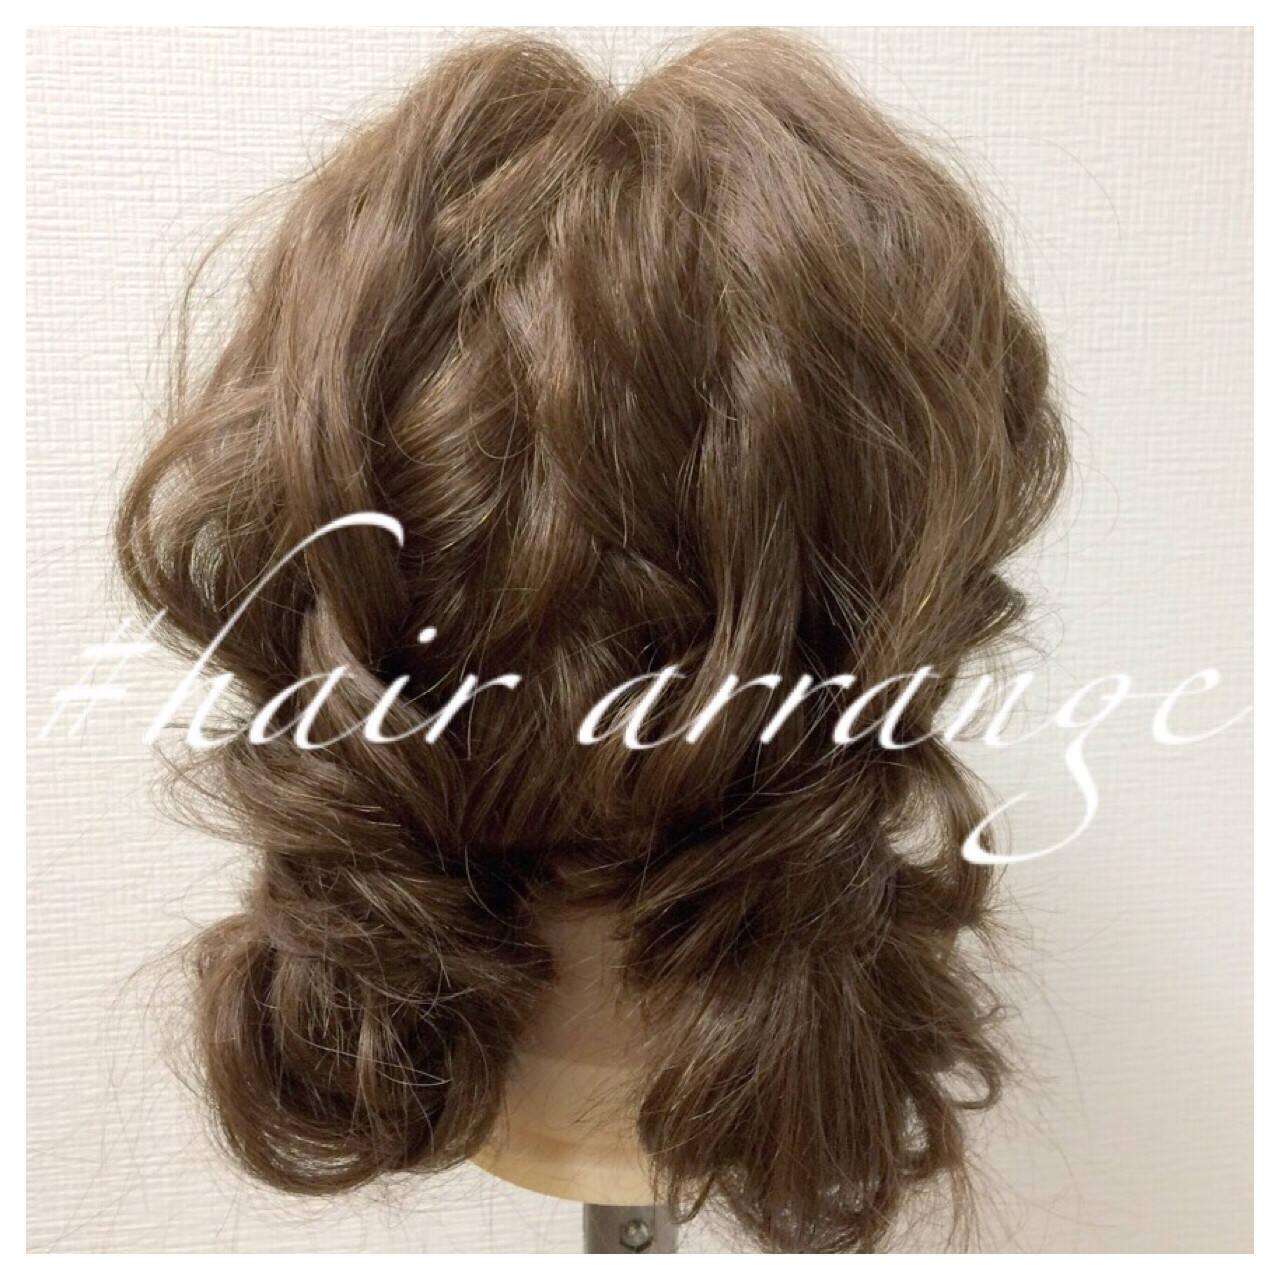 裏編み込み ヘアアレンジ ショート ツインテールヘアスタイルや髪型の写真・画像